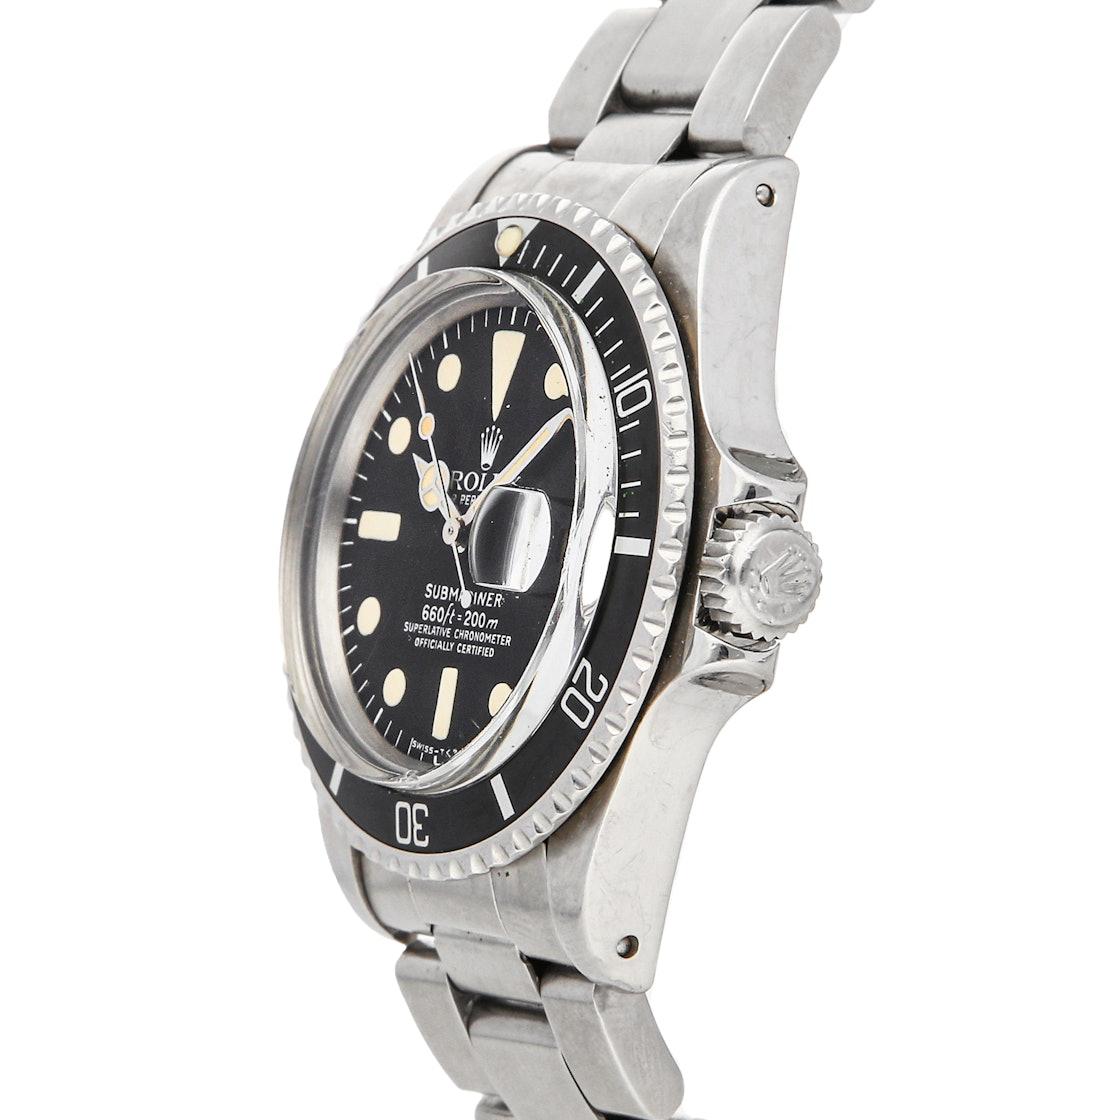 Rolex Submariner 1680